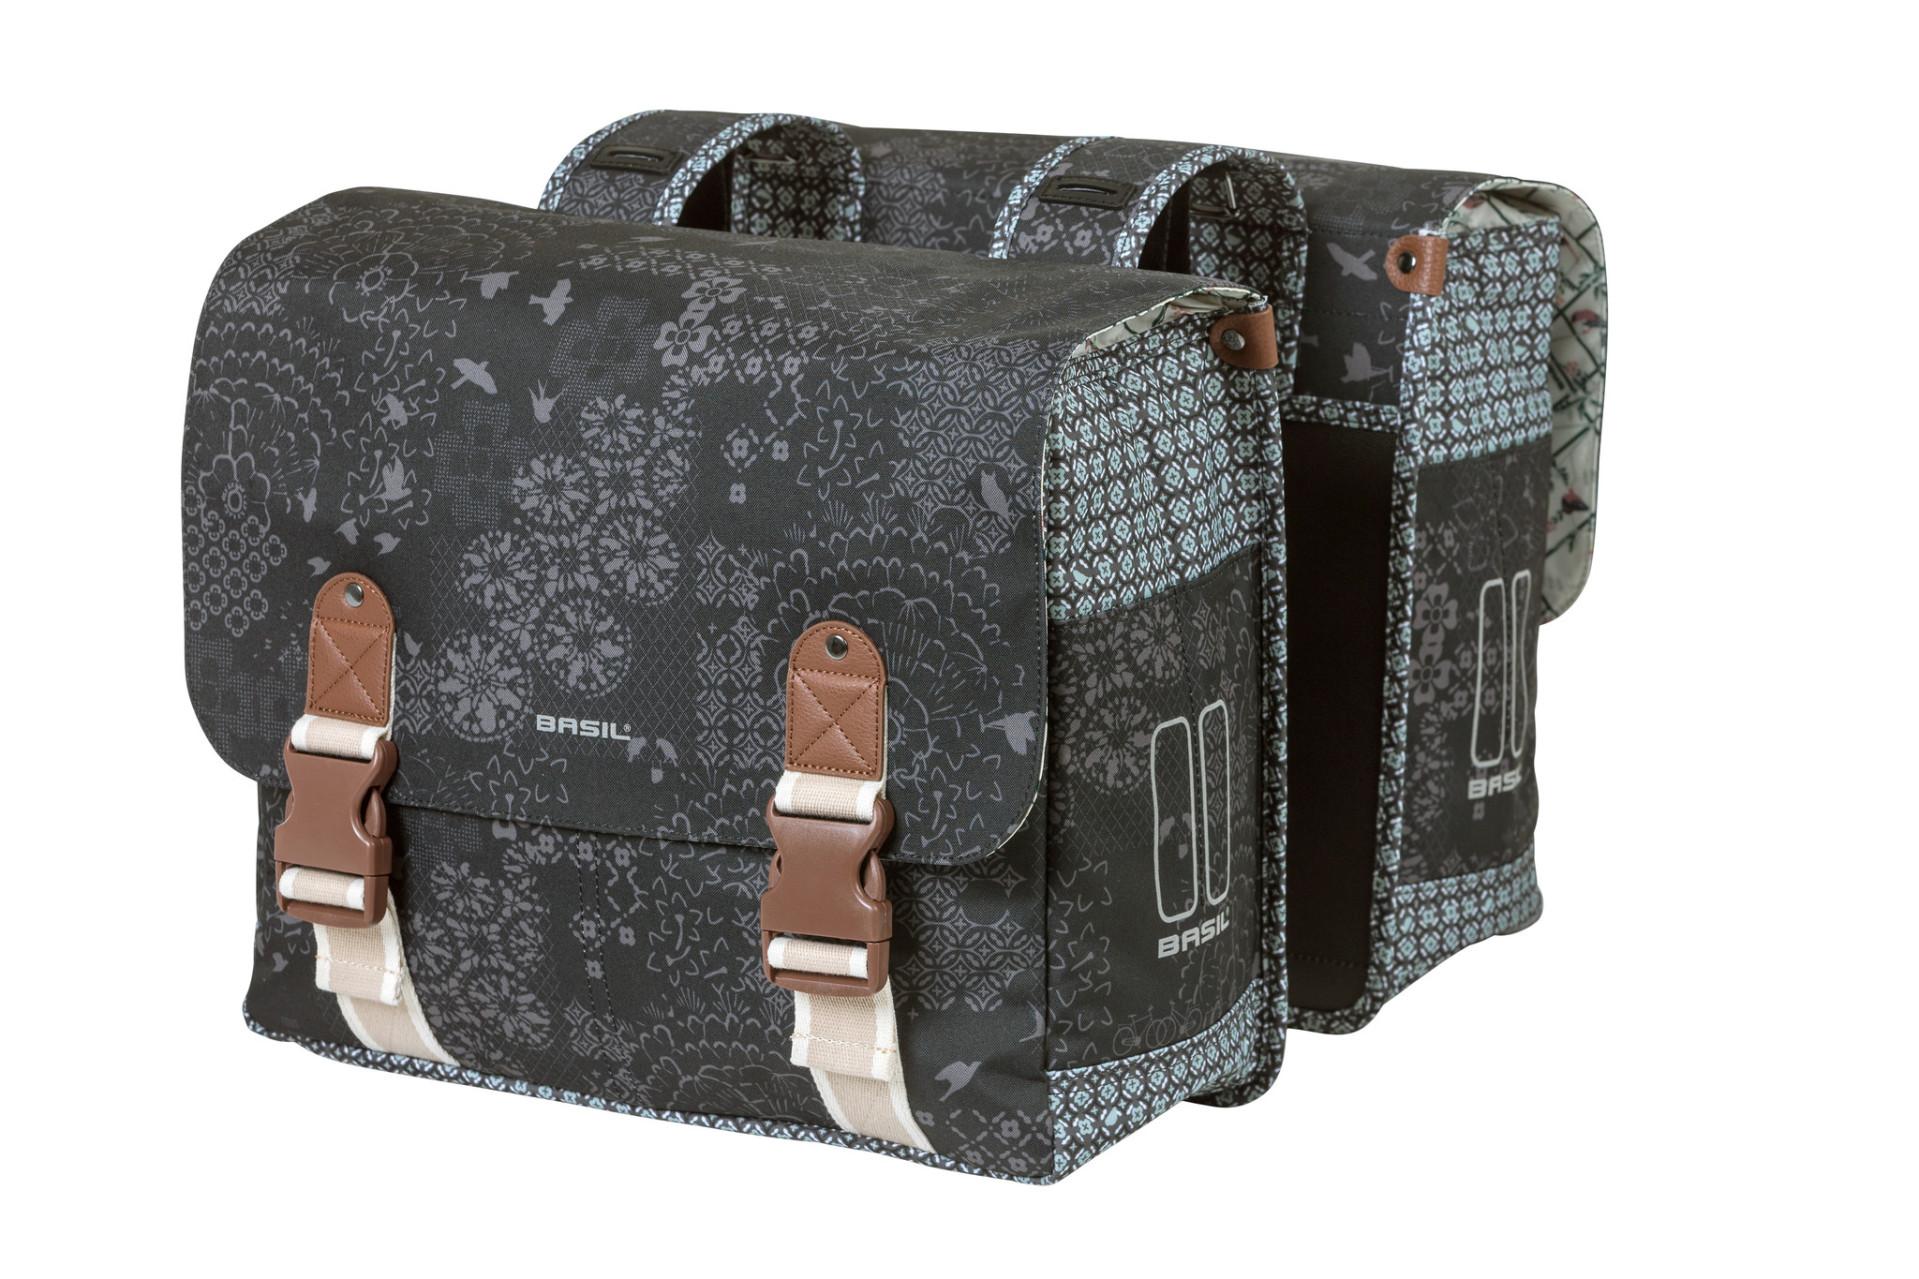 Basil BOHEME Double táska csomagtartóra - szénfekete (adapter nélkül)